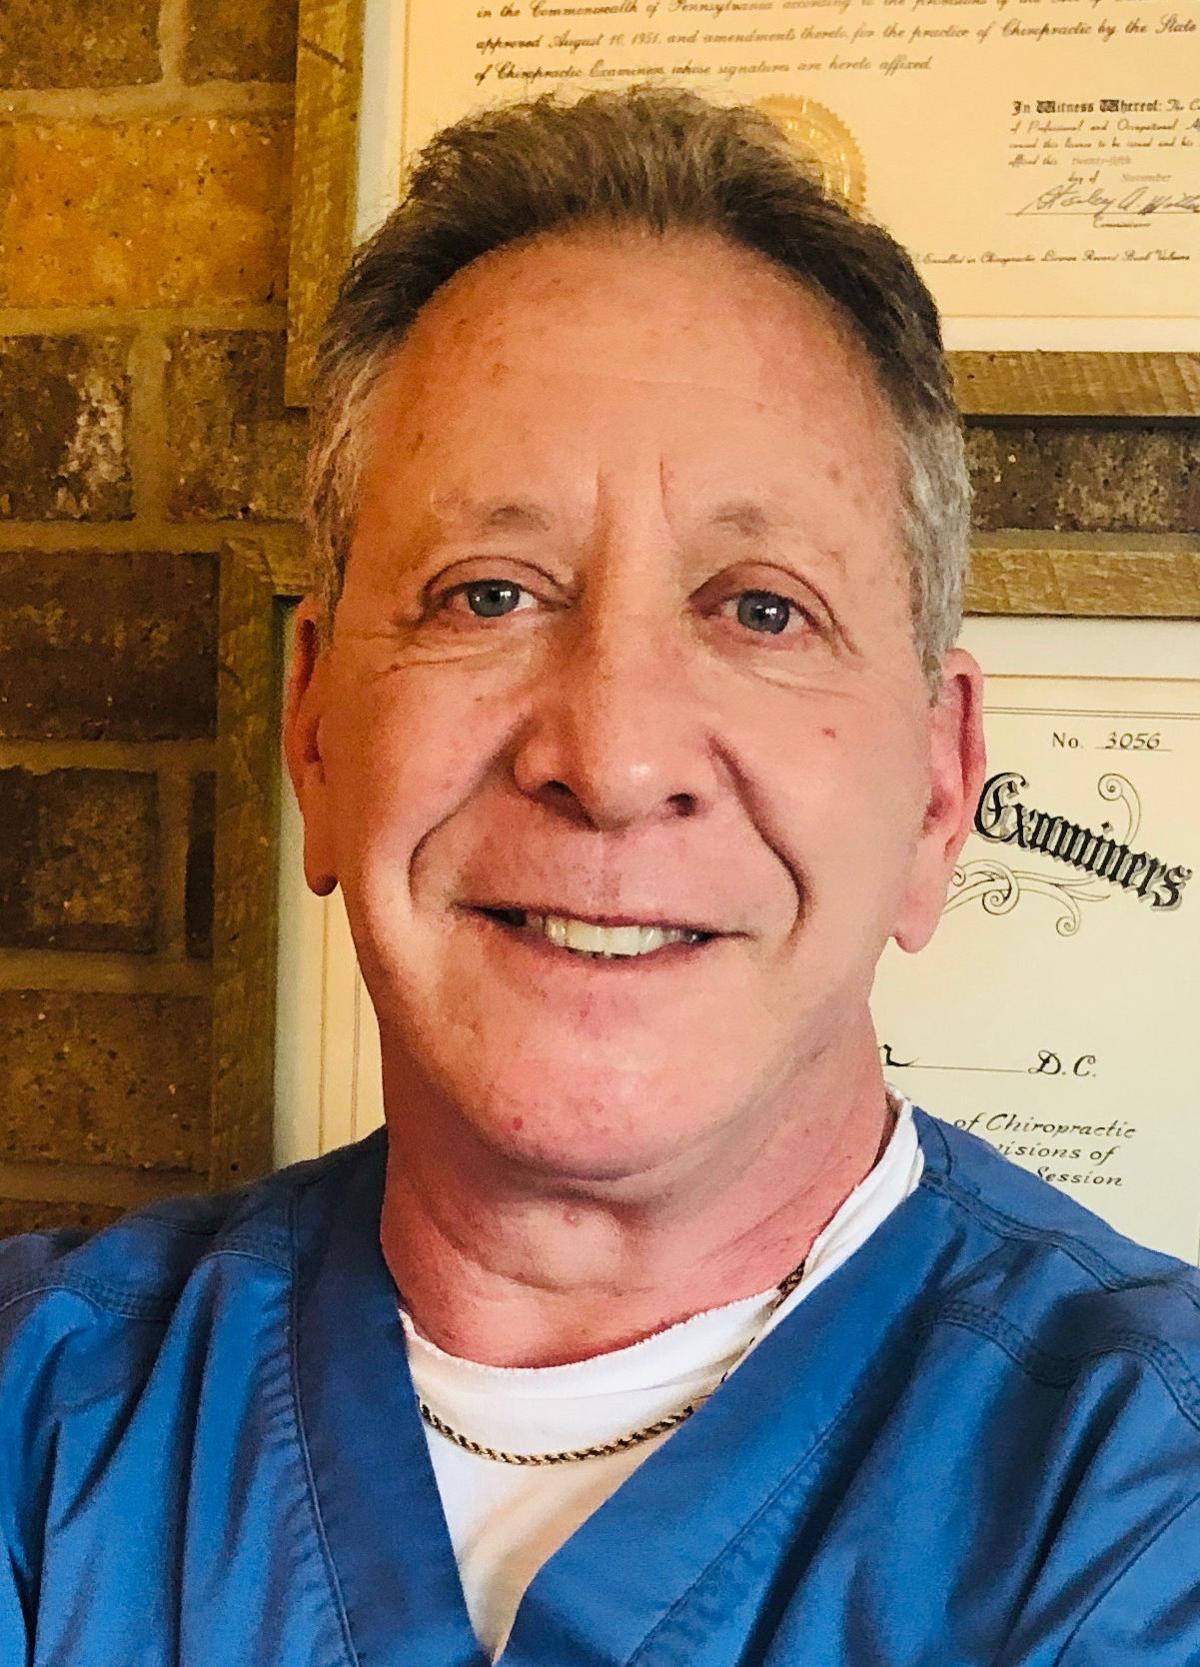 Dr. Gary Lipkin